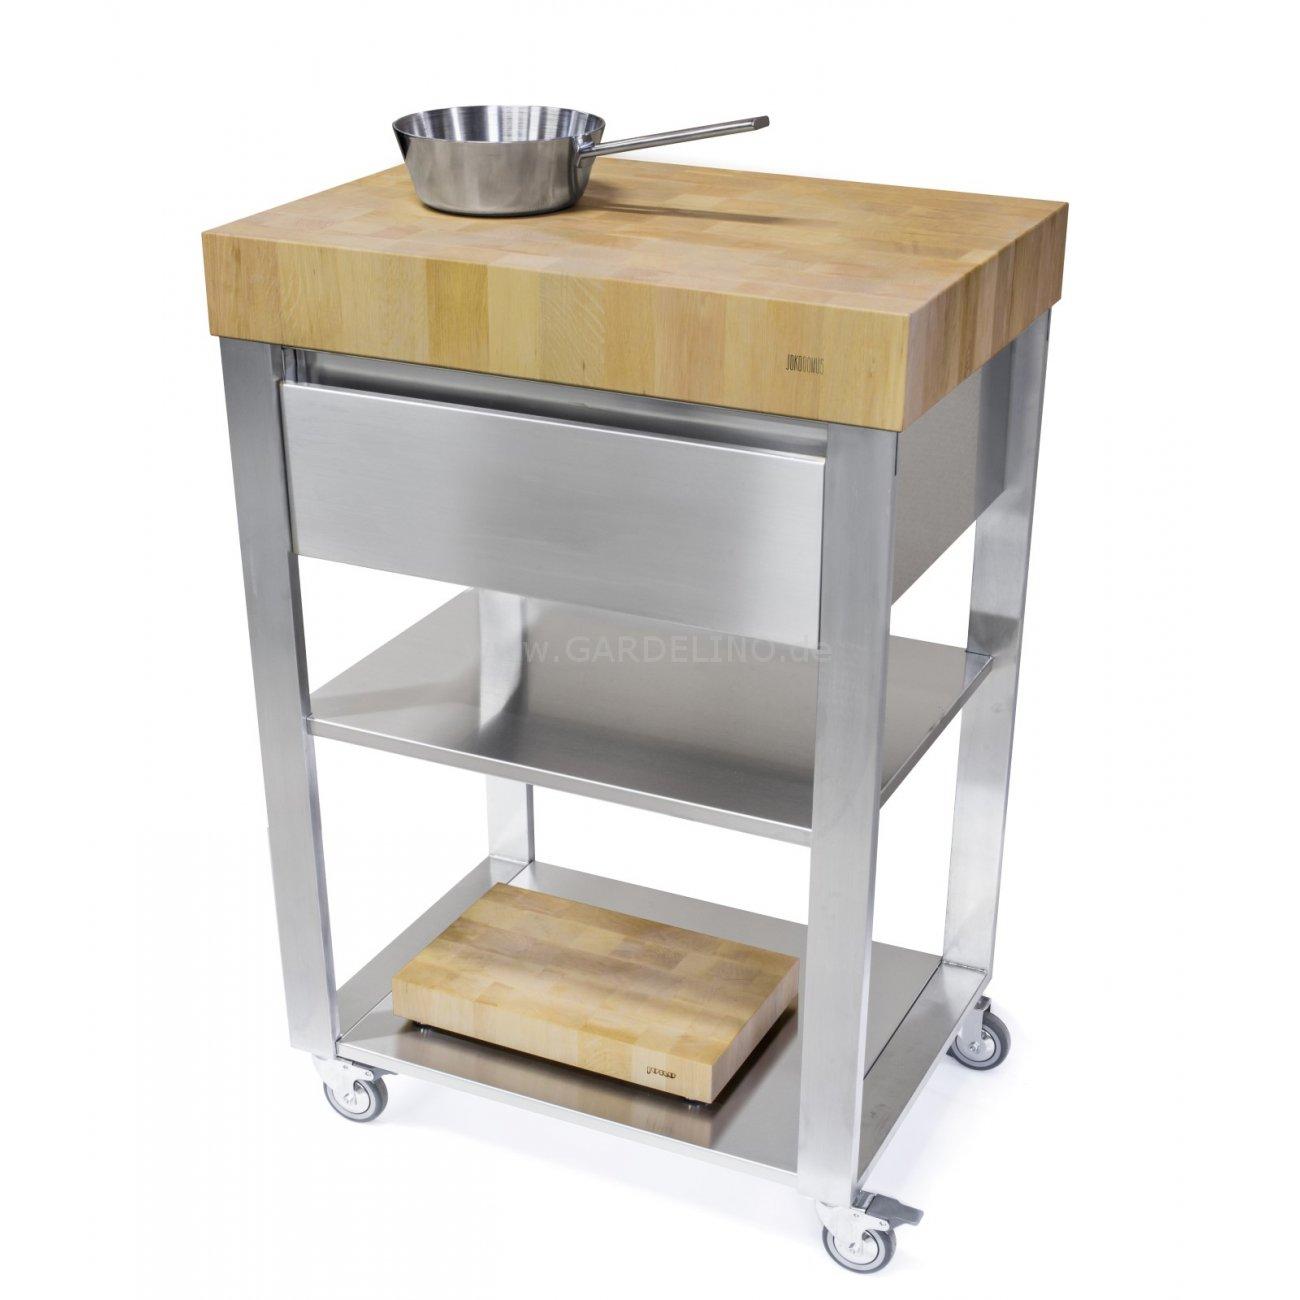 Erfreut Diy Küche Wagen Galerie - Ideen Für Die Küche Dekoration ...